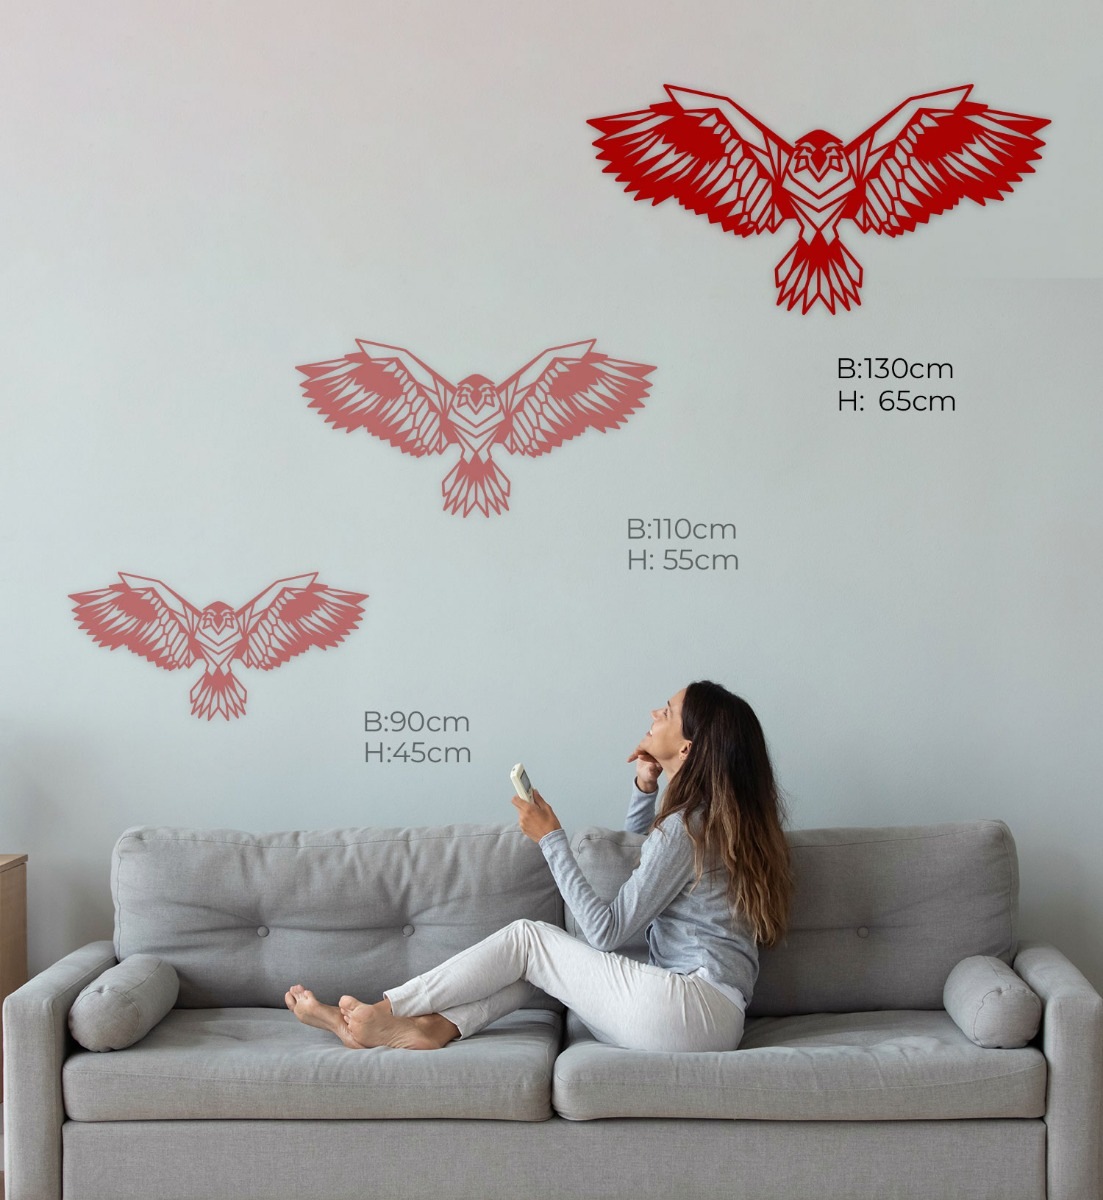 Wall Art Acryl Adler